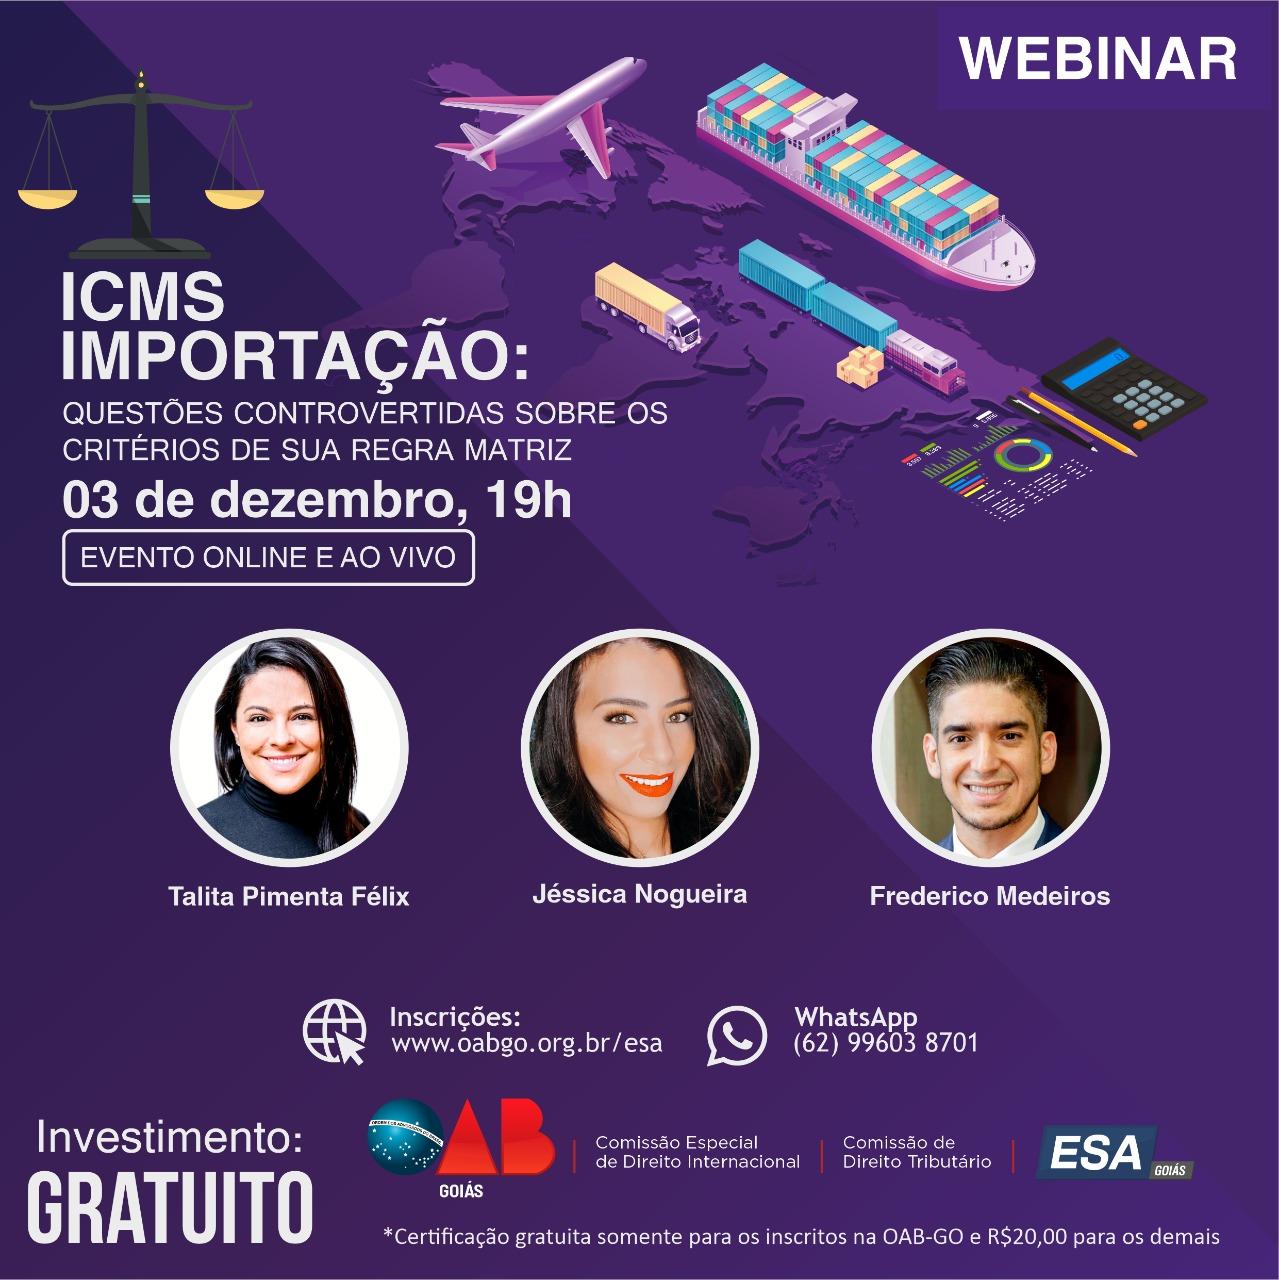 03.12 - Webinar - ICMS Importação